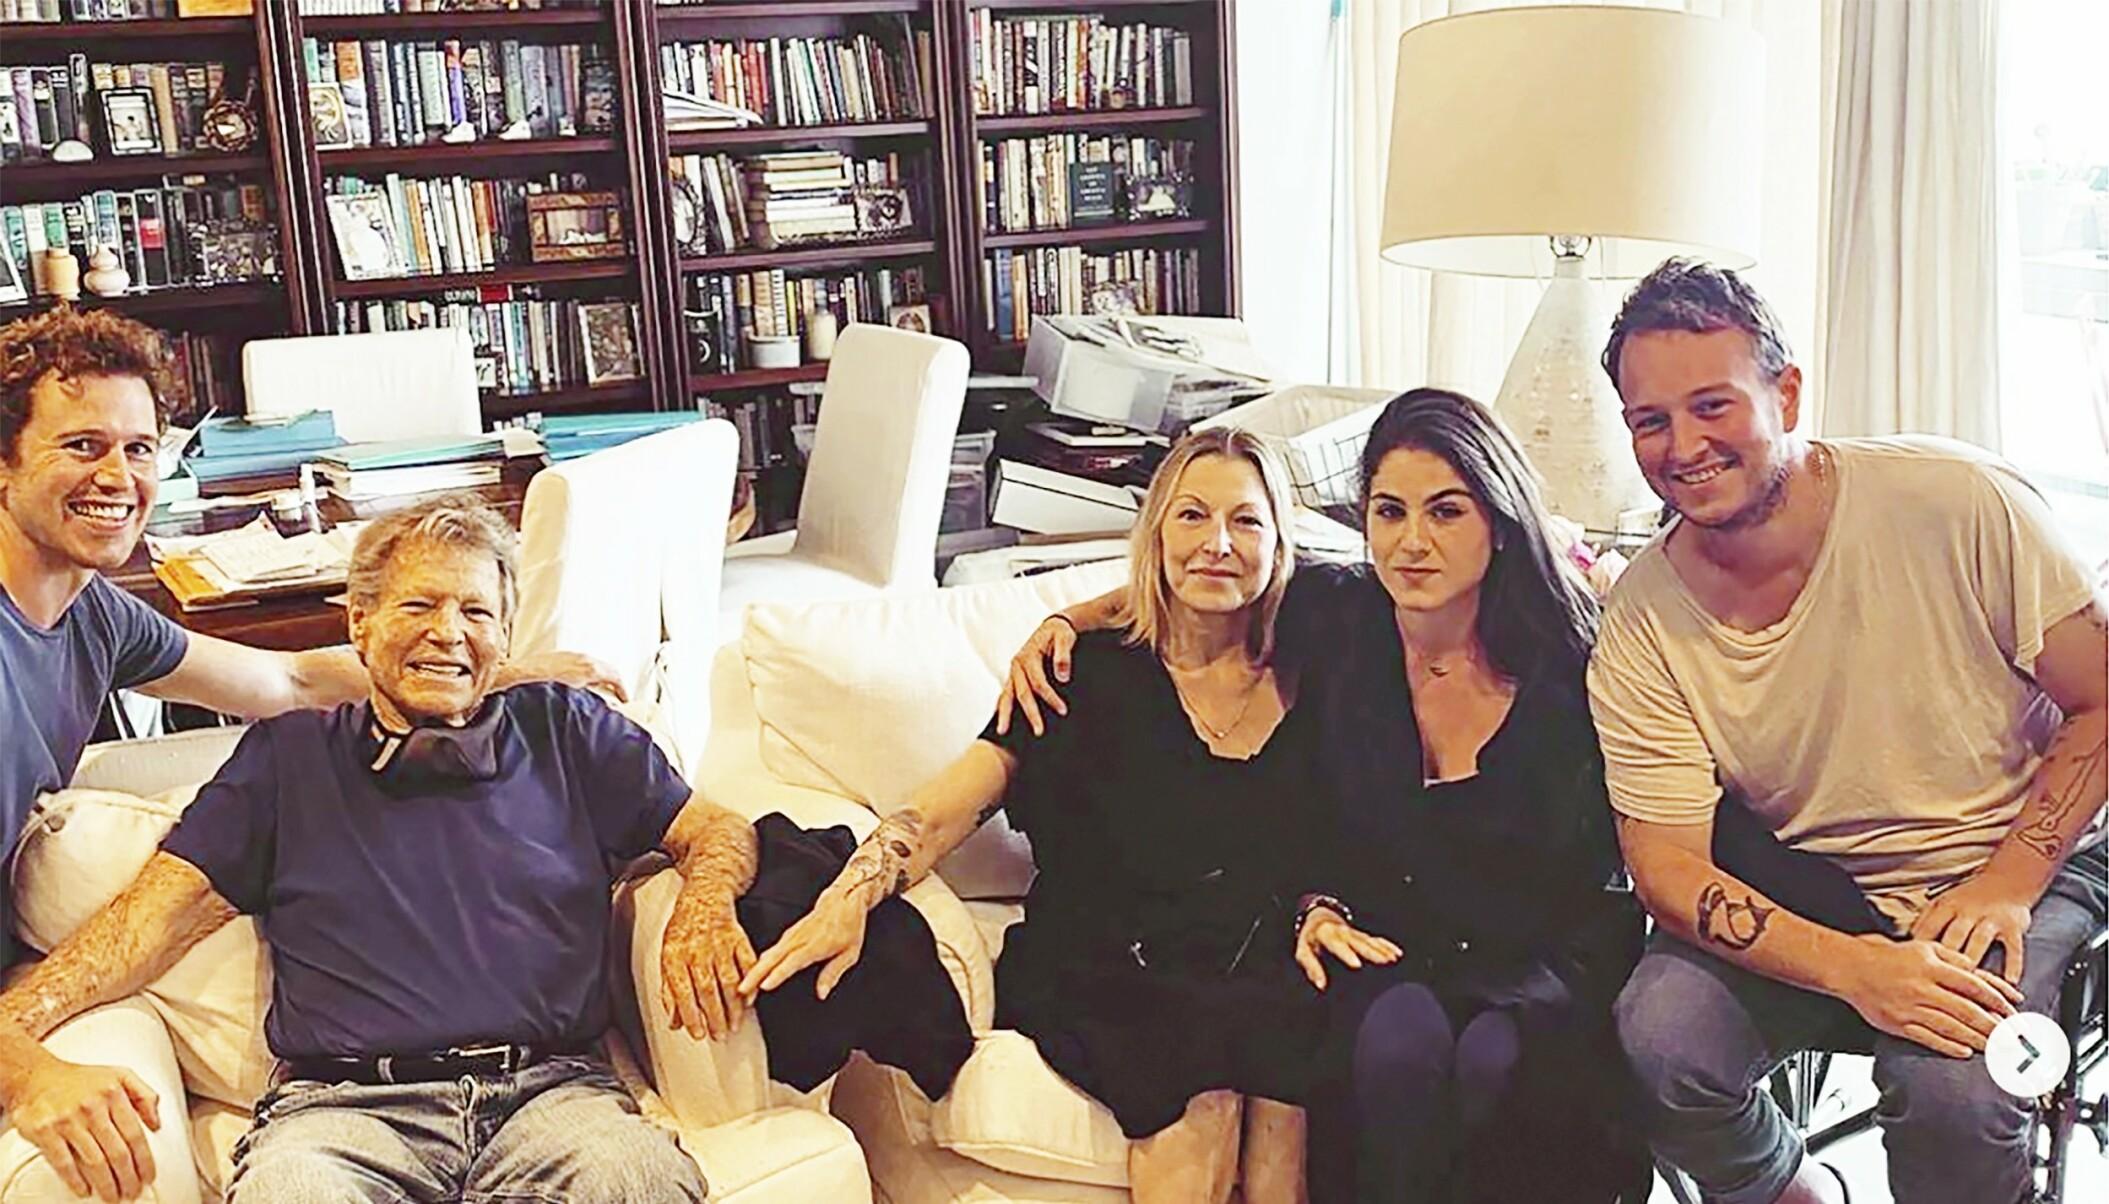 HISTORISK: Ryan O'Neals barnebarn (fra venstre) Sean, Emily og Kevin er lykkelige over at moren (i midten) og bestefaren for første gang på 17 år har vært i samme rom som dem.